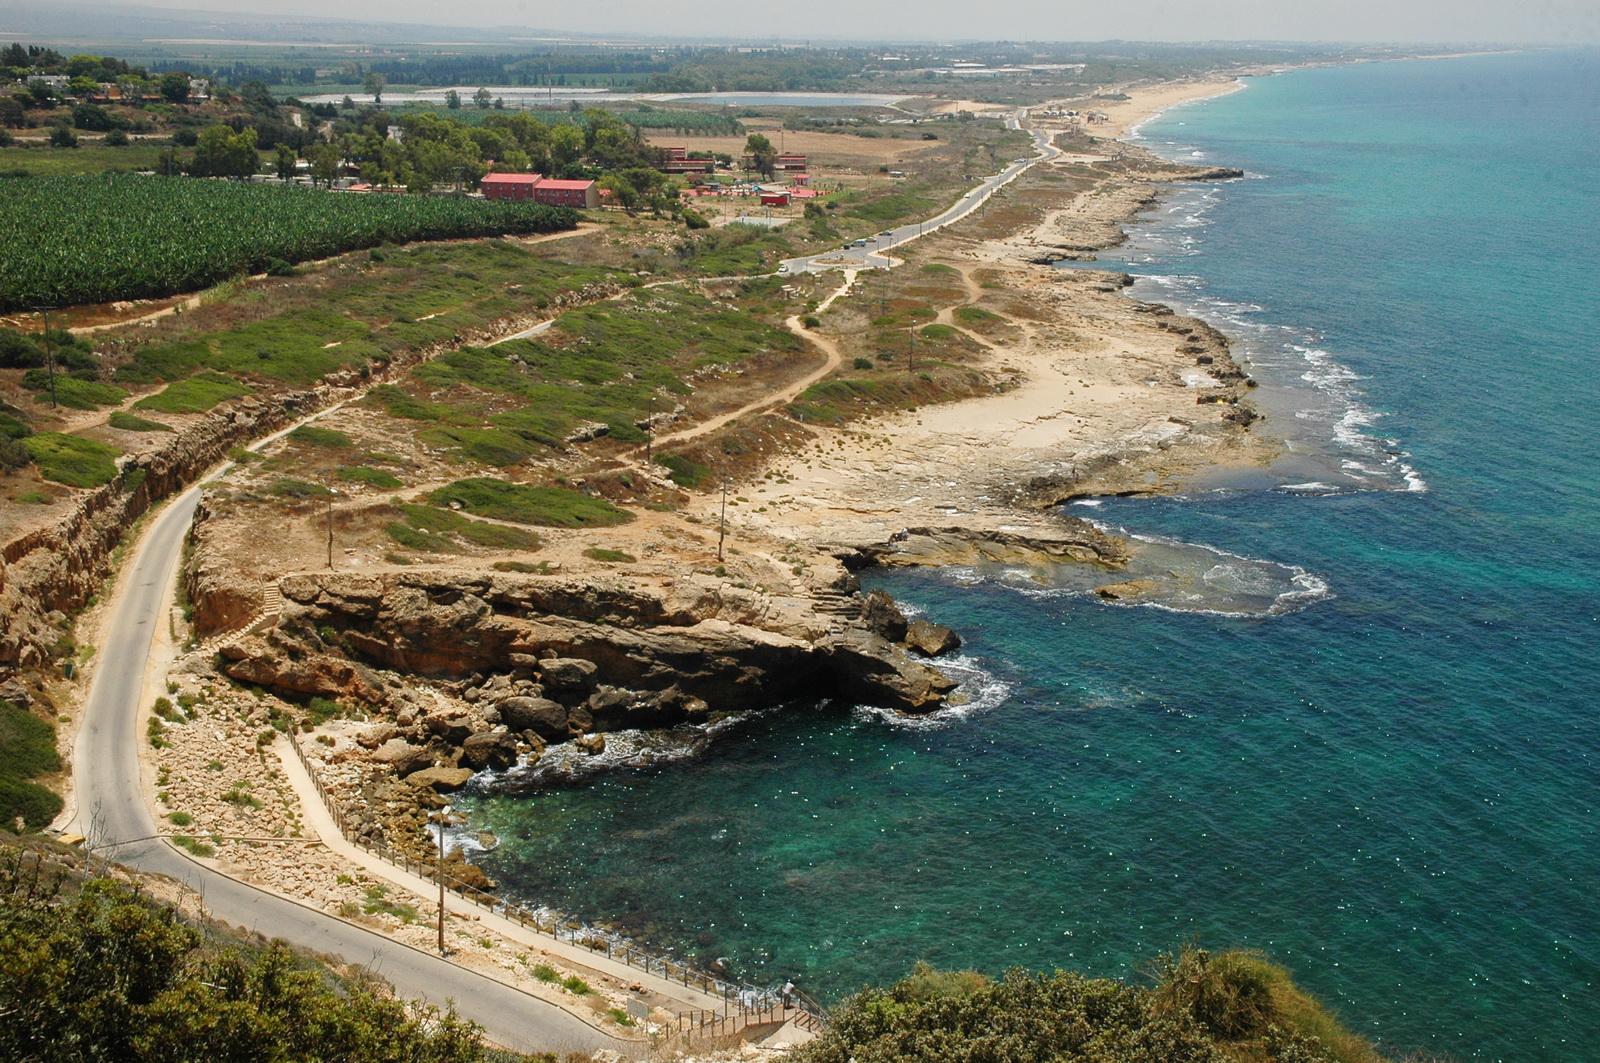 חוף הגליל המערבי כולו